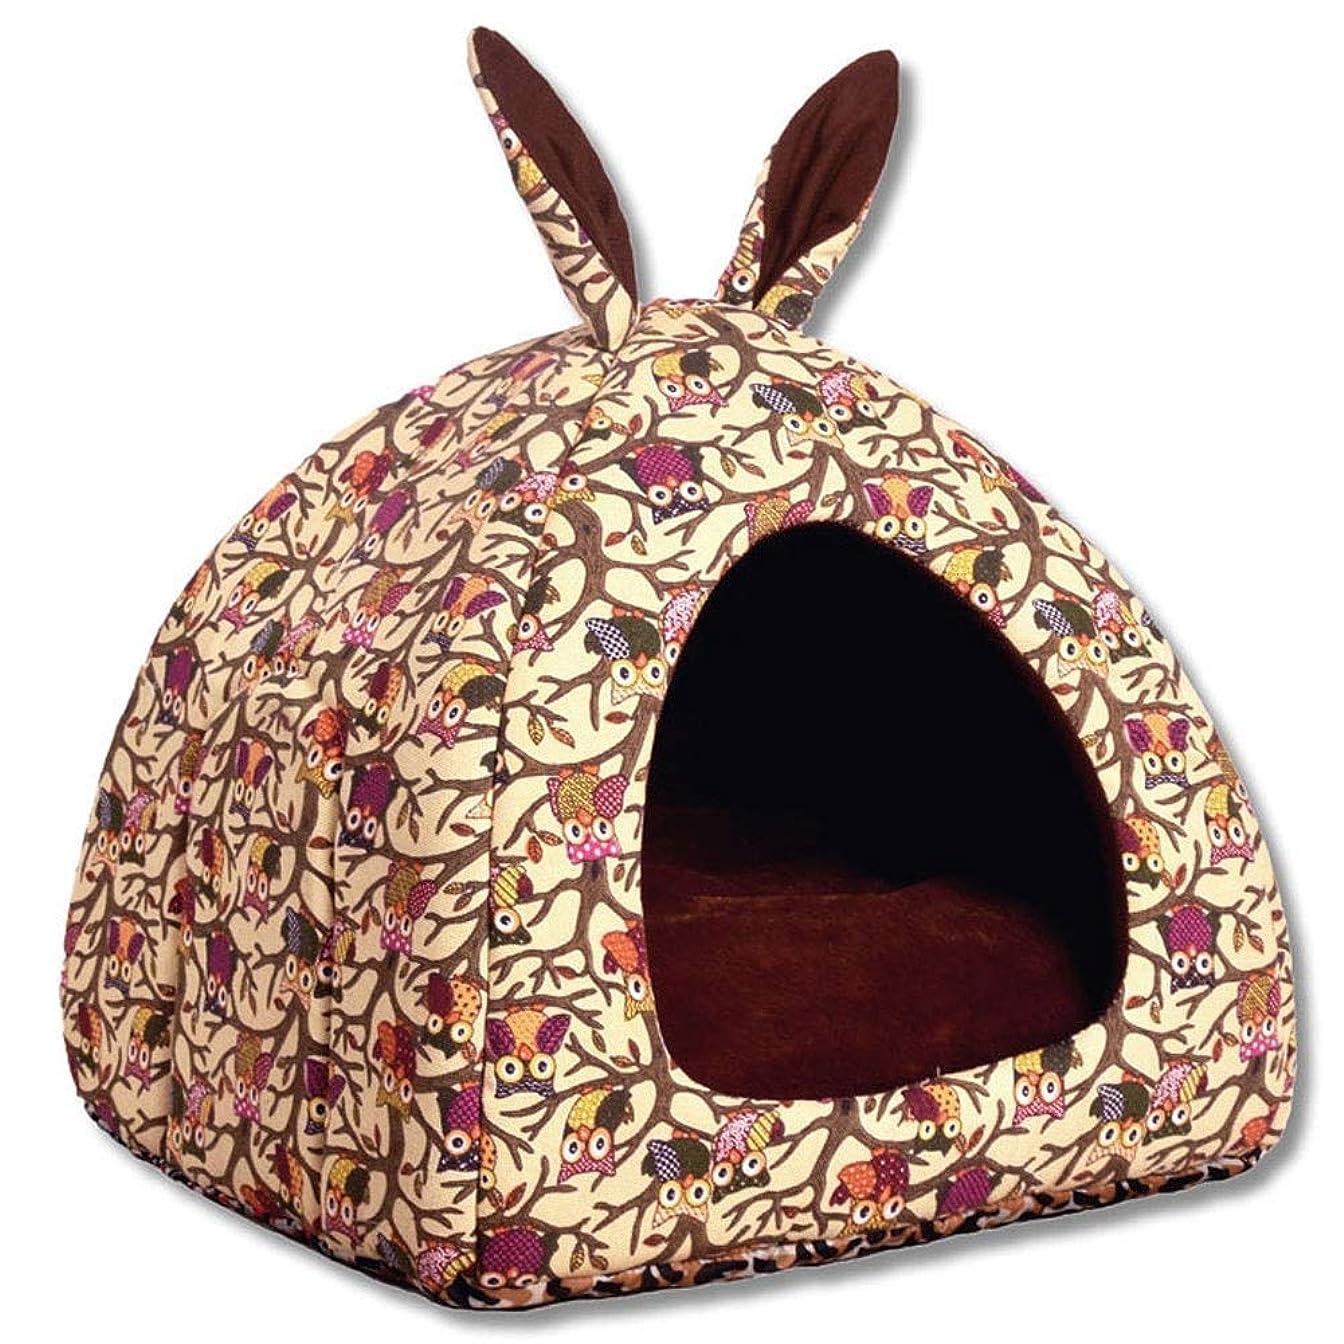 ステートメントスロープ大理石シバオ ベッド 猫 猫用品 ベッド 眠れる森の2イン1ペットテント猫ハウス快適な動物の洞窟の巣は、取り外し可能なクッションと滑り止めの子犬ハウスベッド 洗える 猫ベッド (Color : Multi-colored, Size : L)